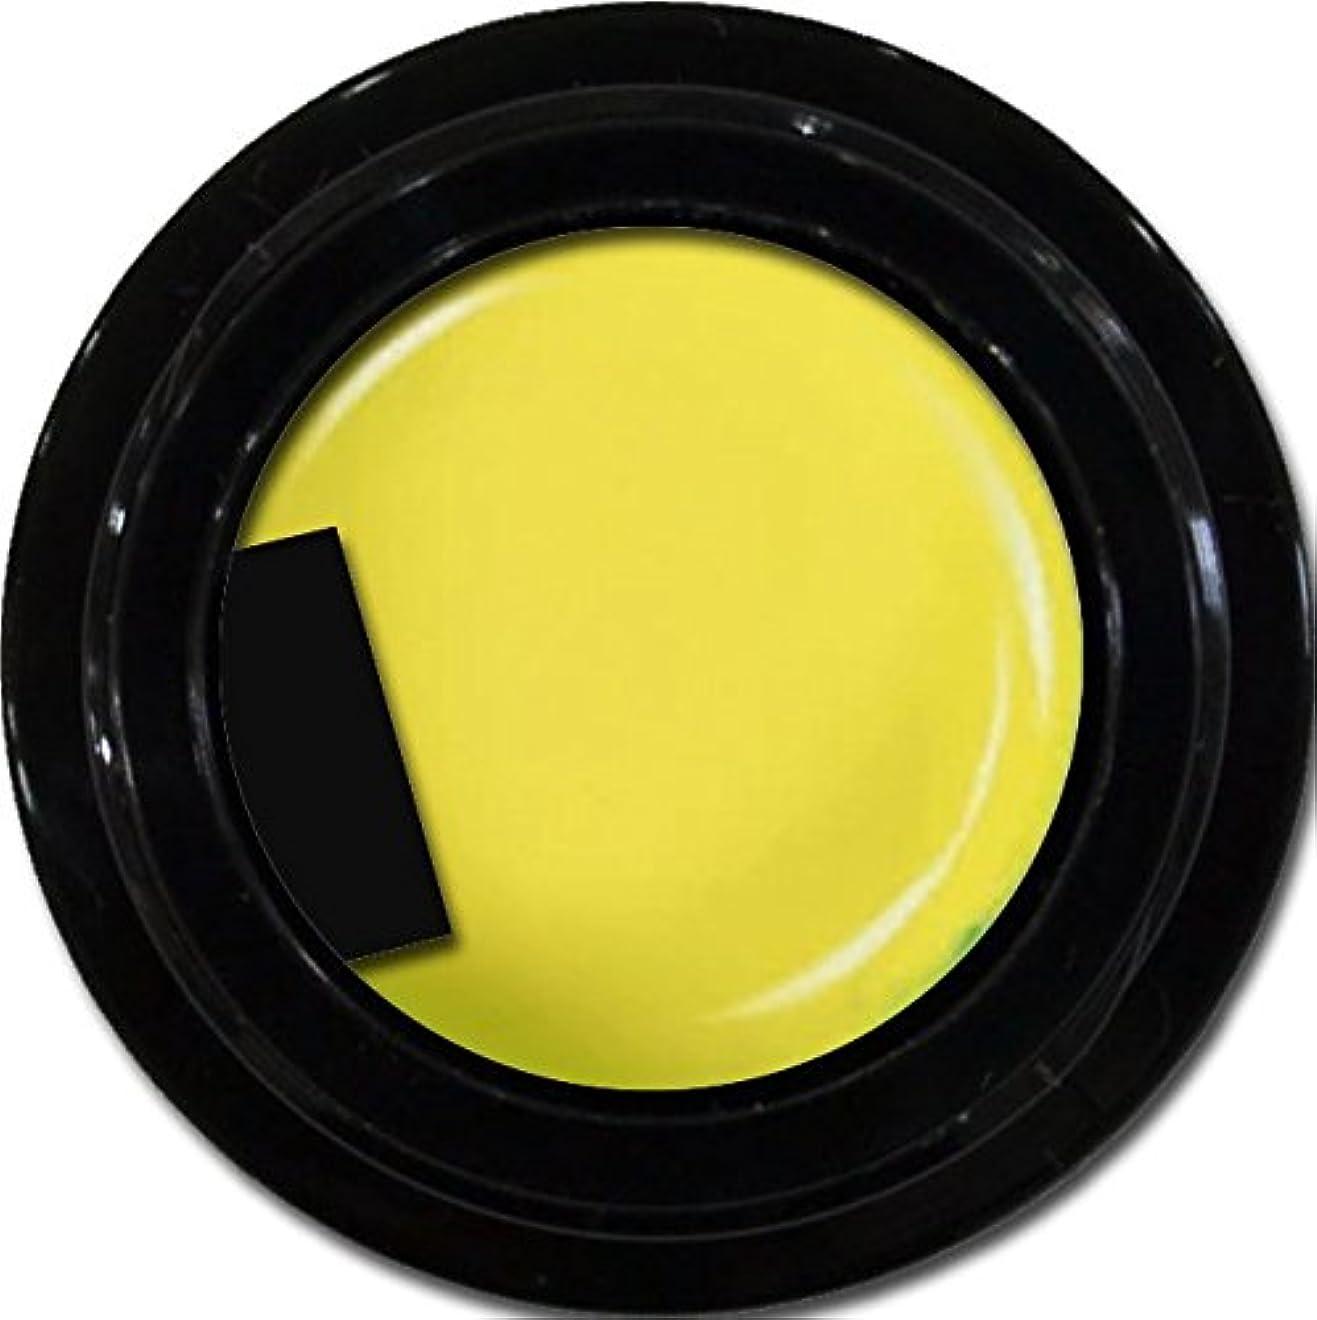 吸収剤ブレンドアラームカラージェル enchant color gel M602 MoroccoYellow 3g/ マットカラージェル M602 モロッコイエロー 3グラム